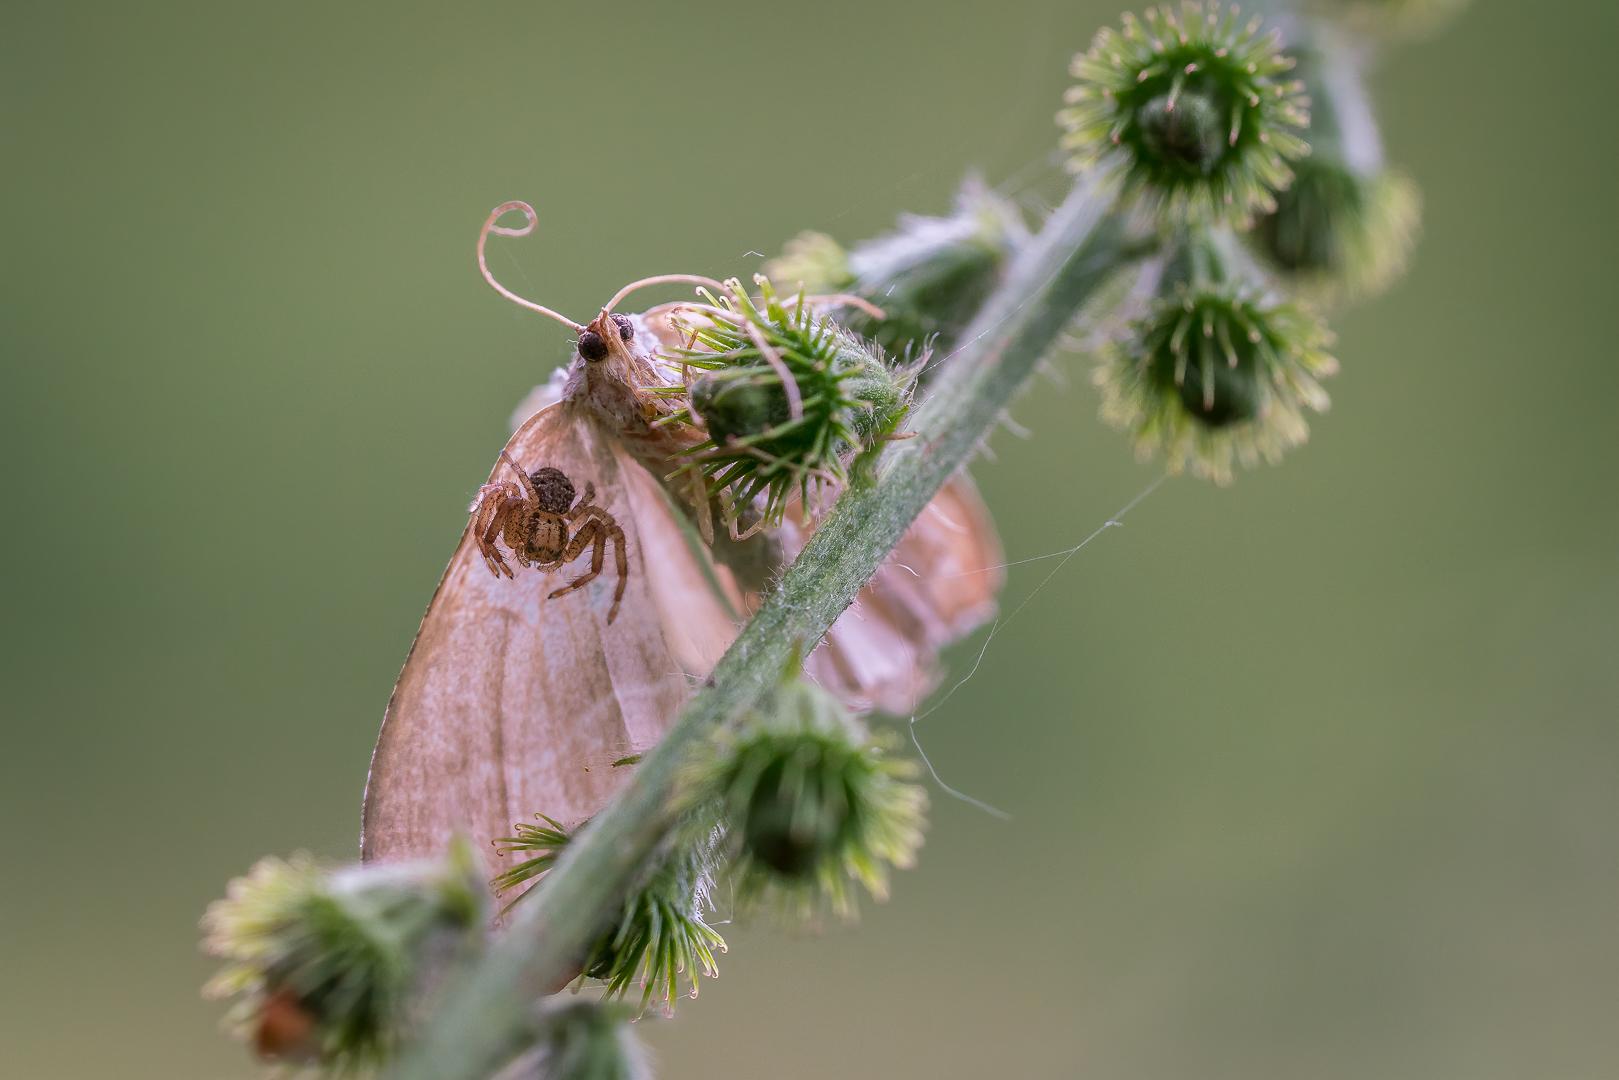 Mantelzorg, spinnetje, kriebelbeestje, Loes Belovics, Deel de Natuur